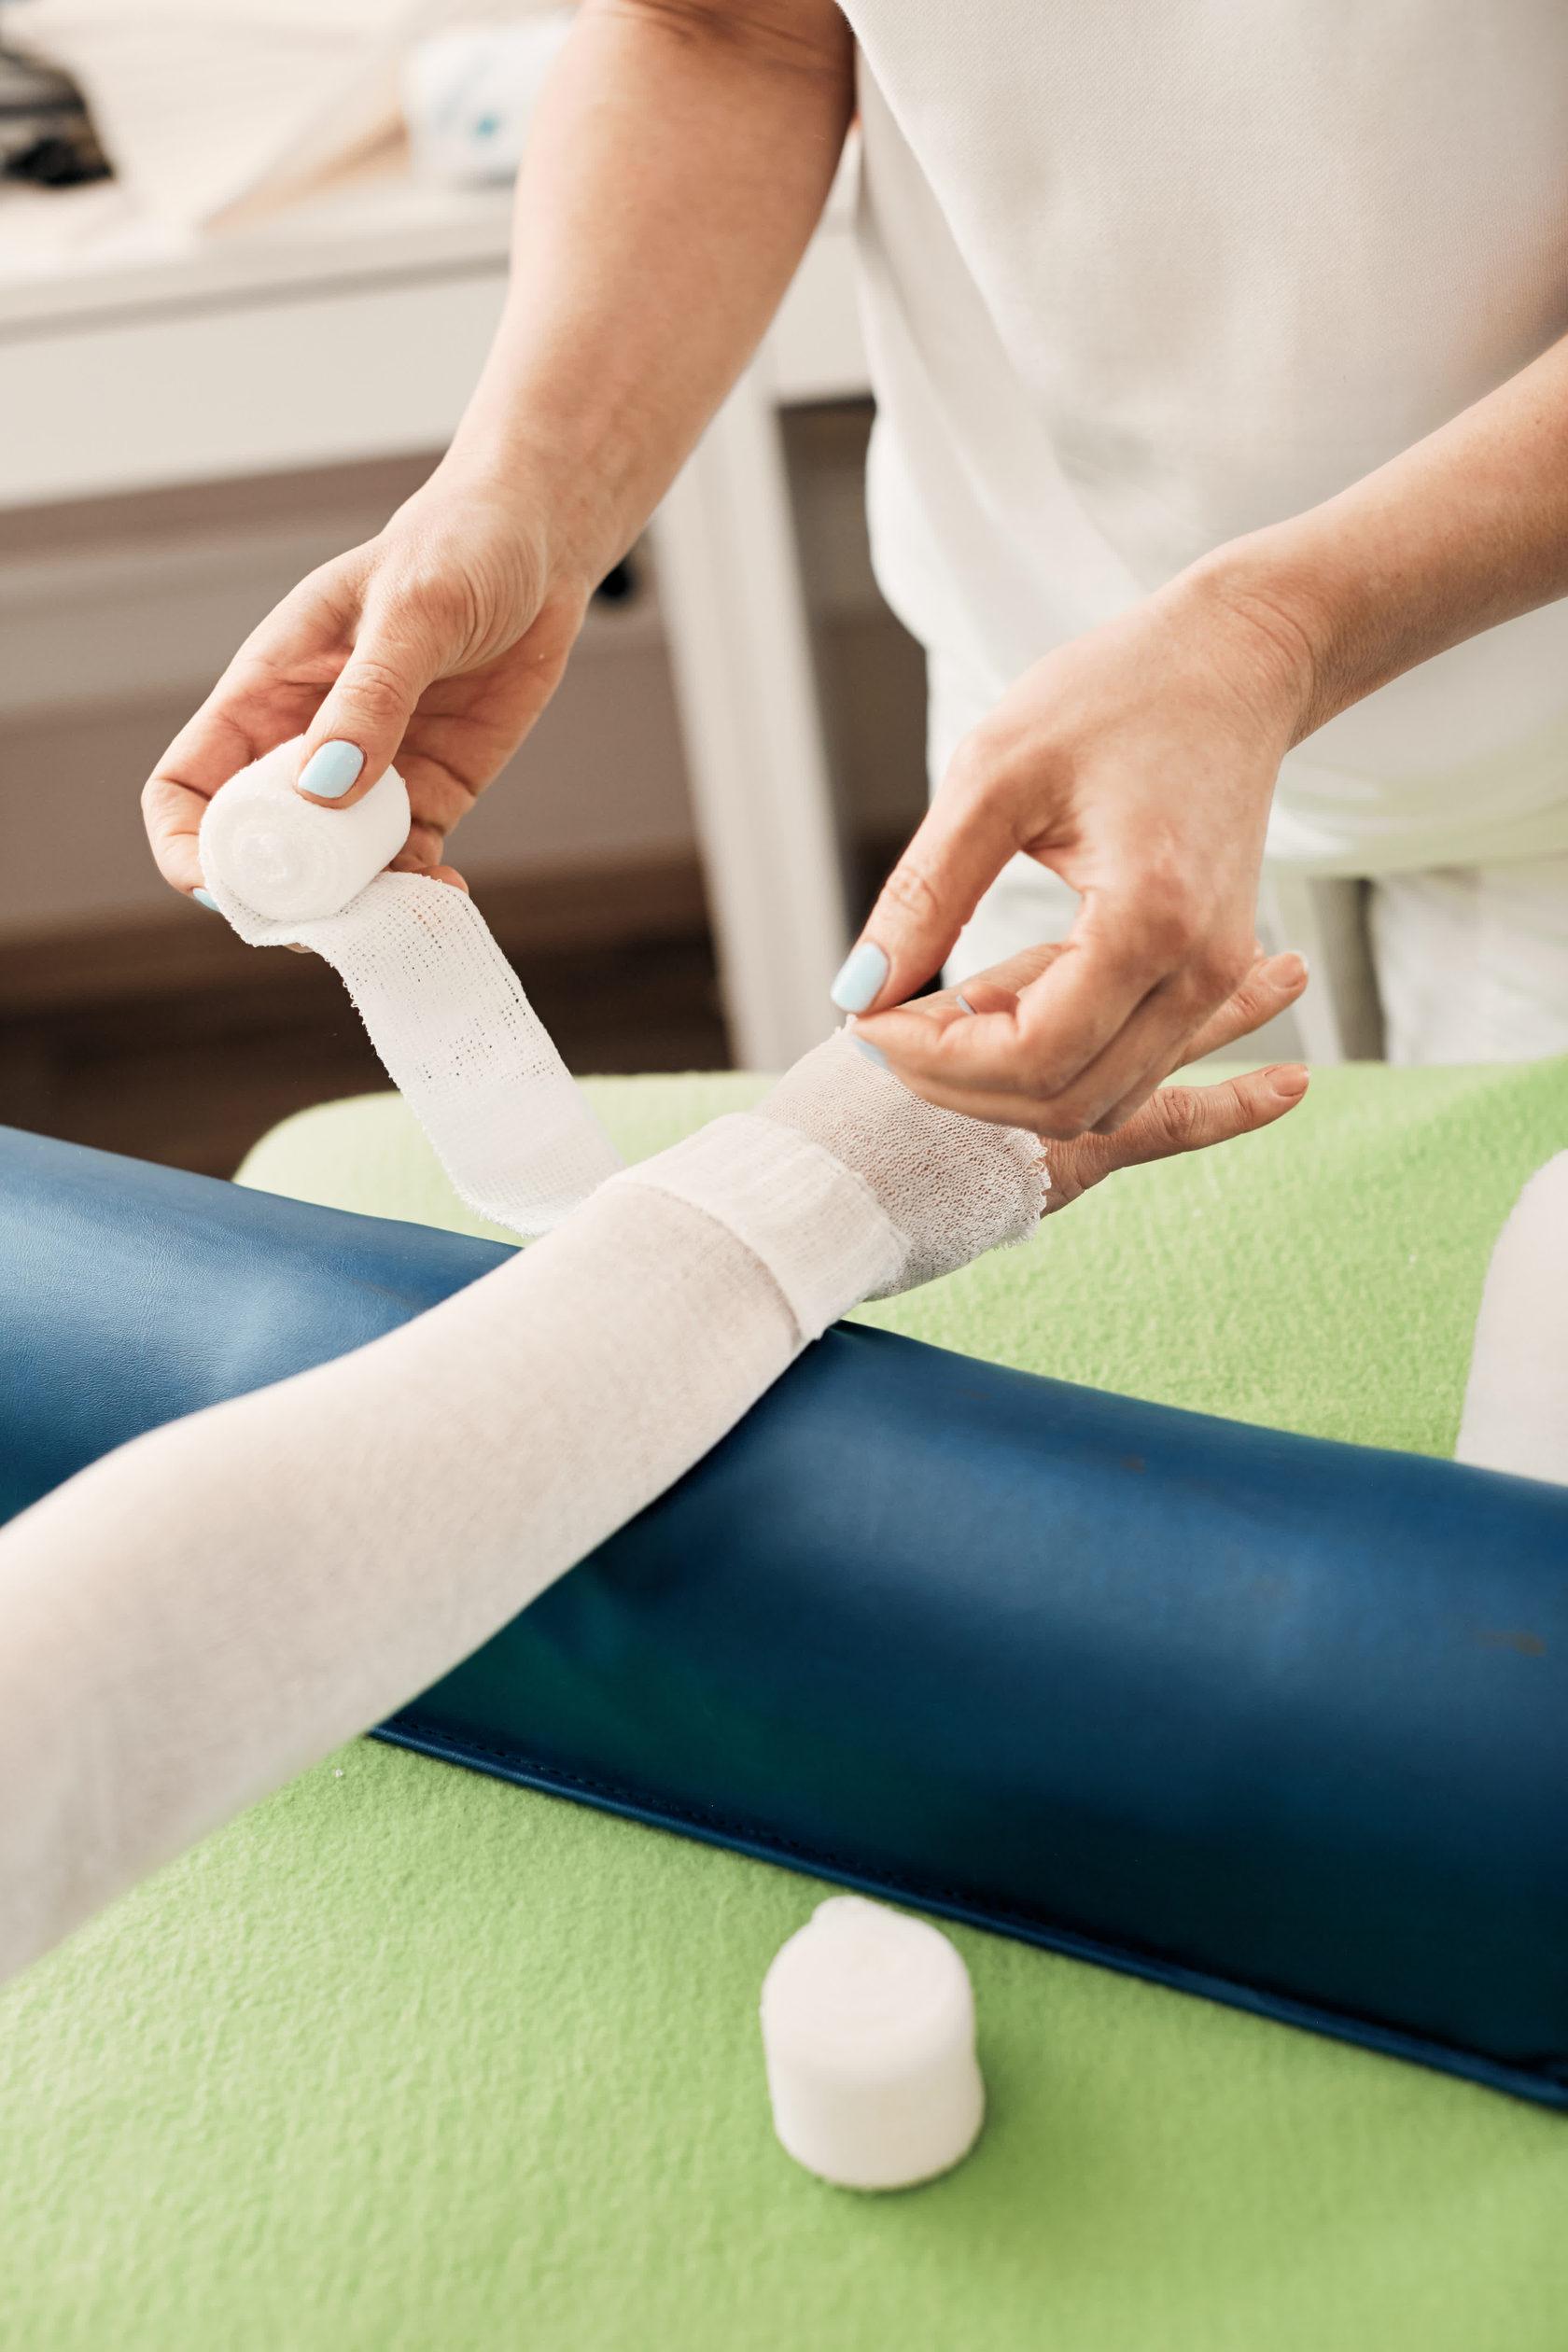 Лимфедема нижних конечностей (лимфостаз): симптомы, причины и лечение